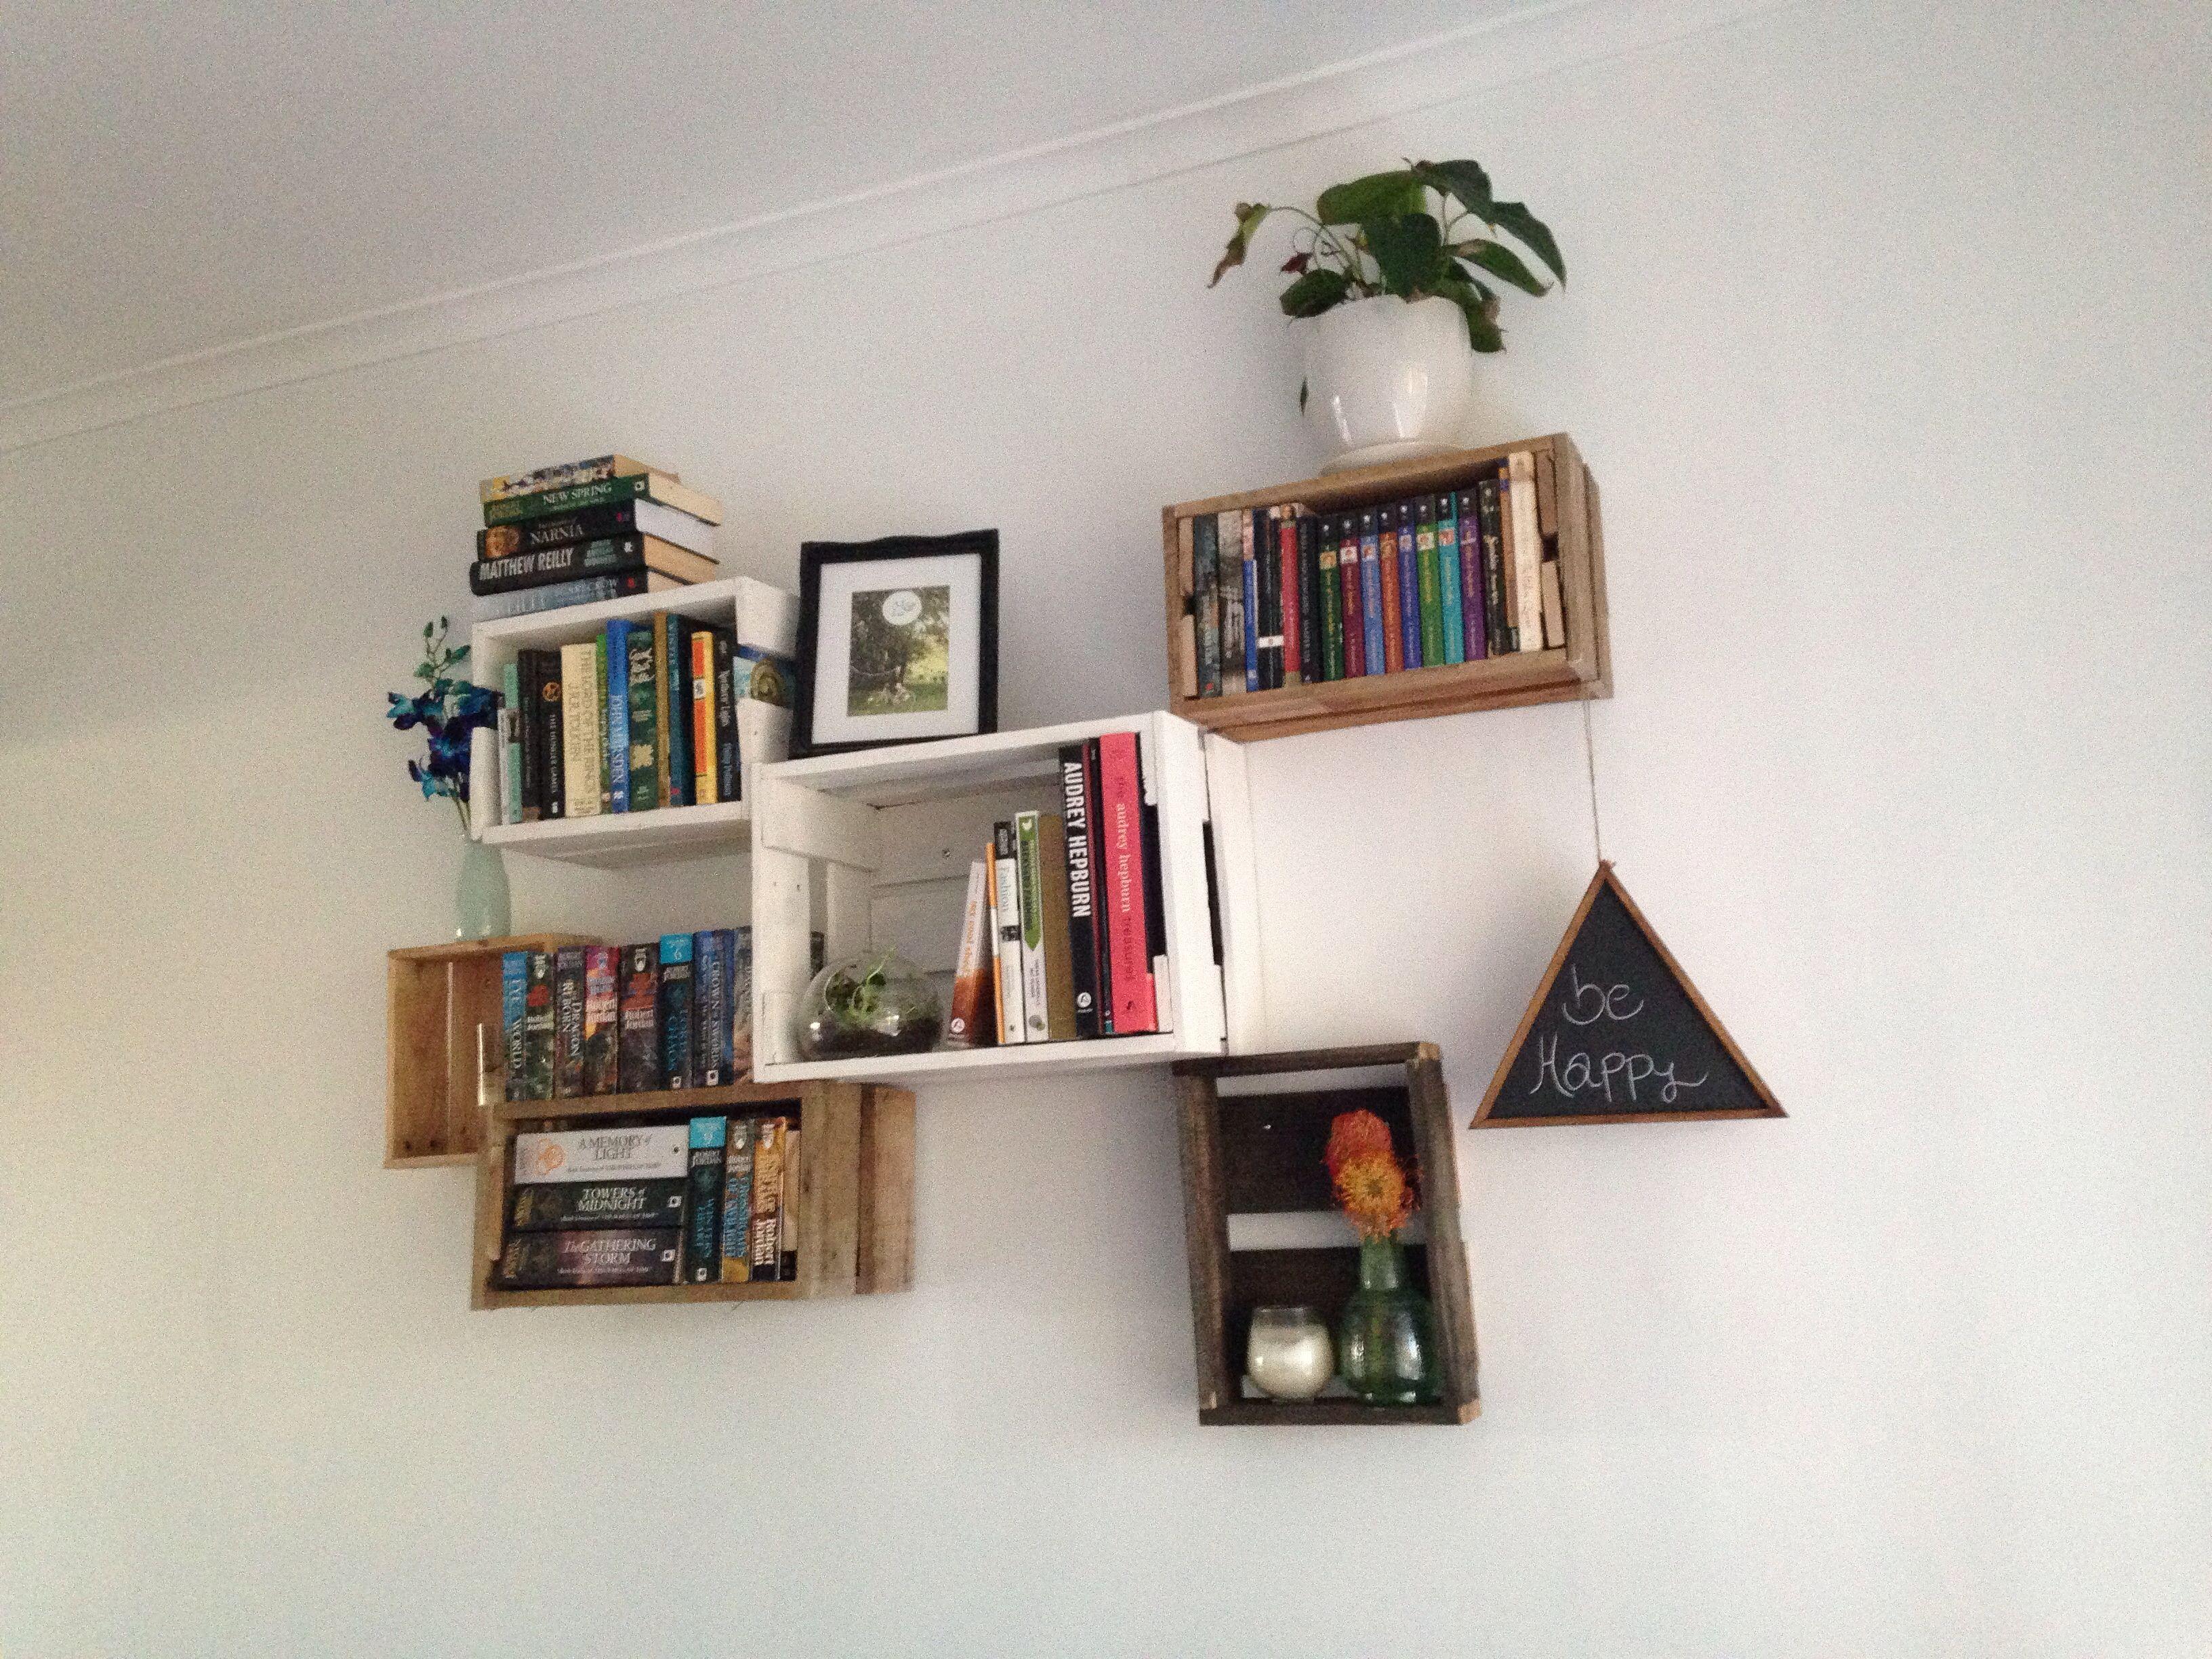 Artistic Shelves